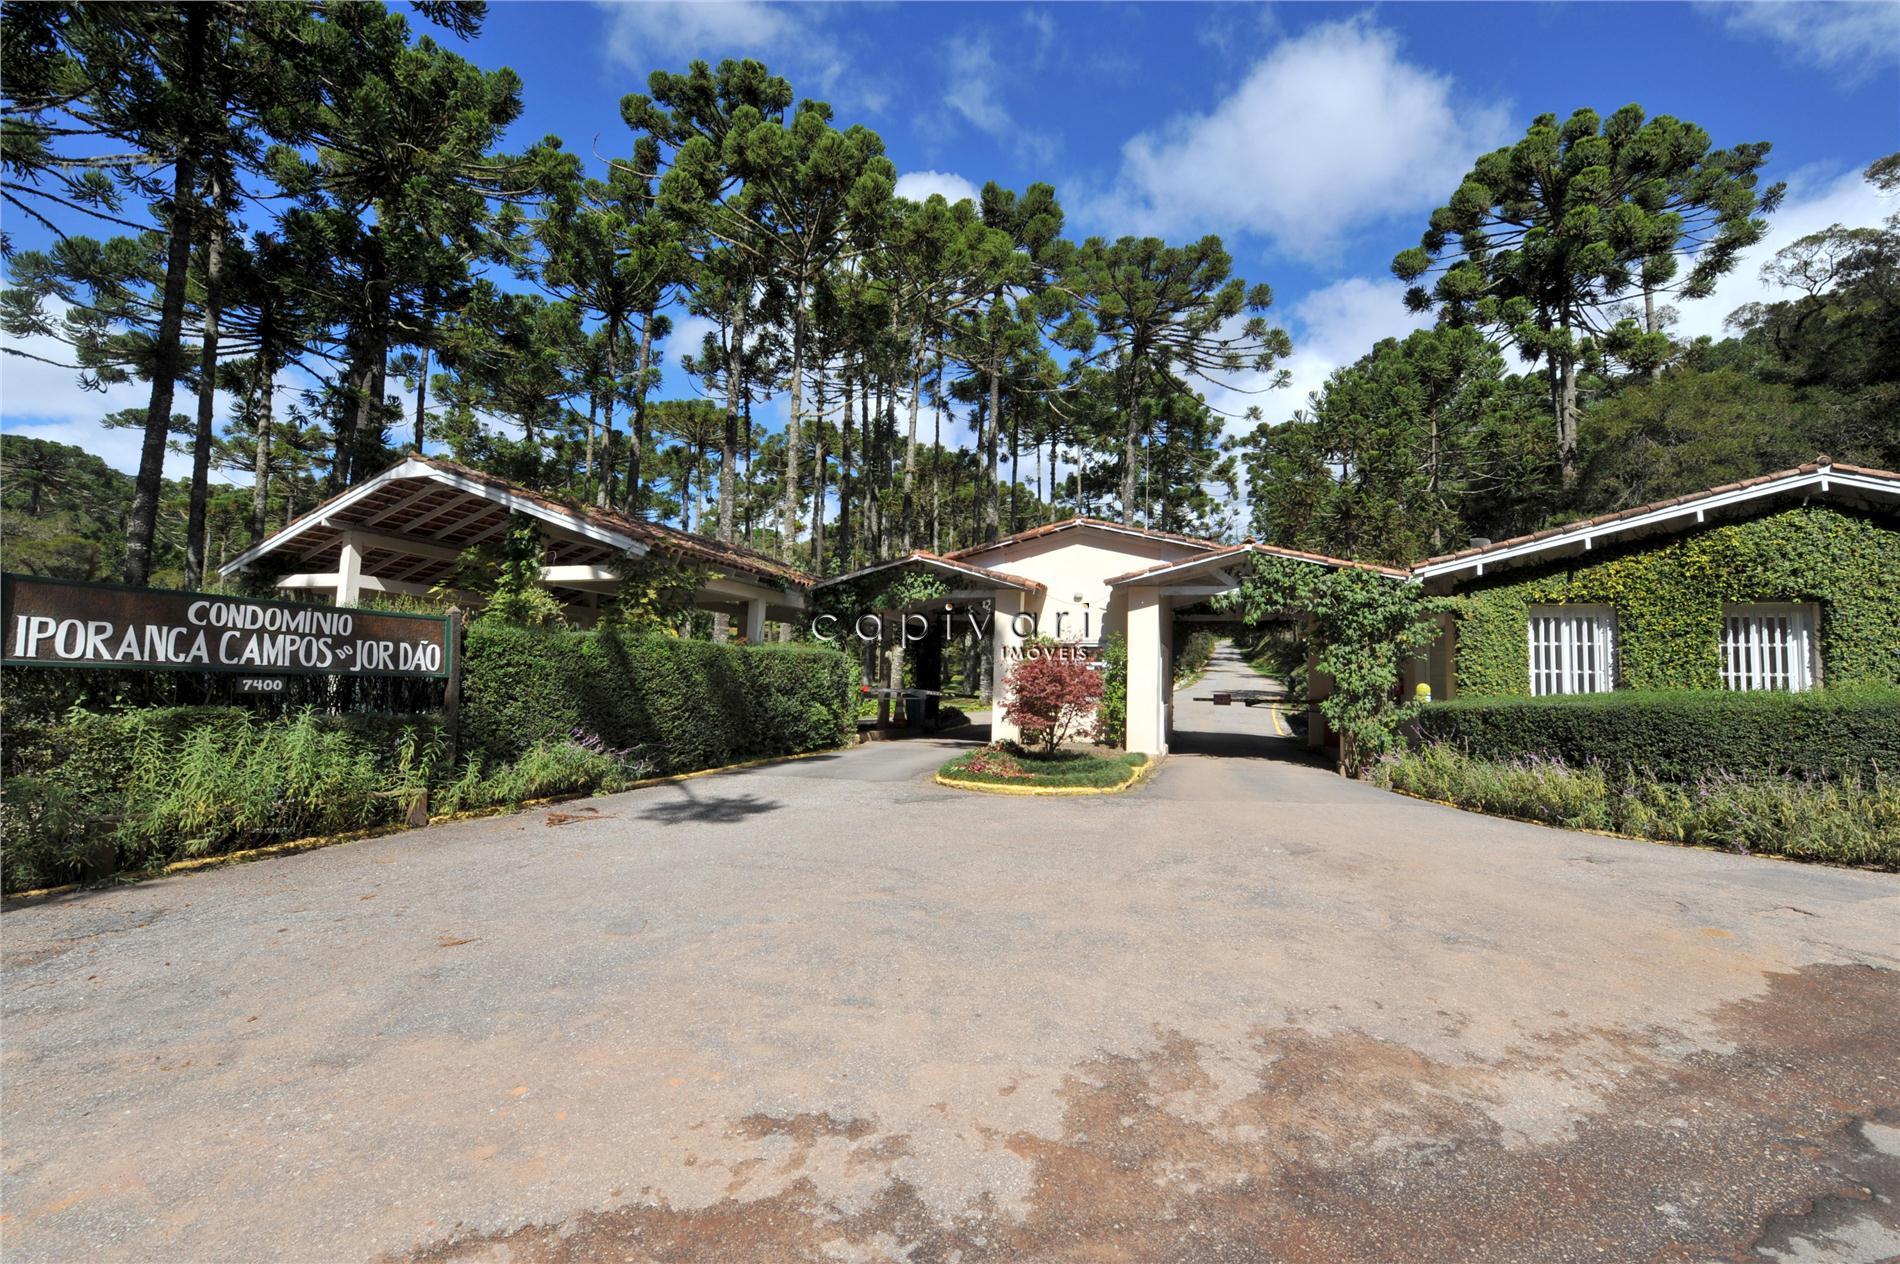 Terreno  residencial à venda, Condomínio Iporanga, Campos do Jordão.